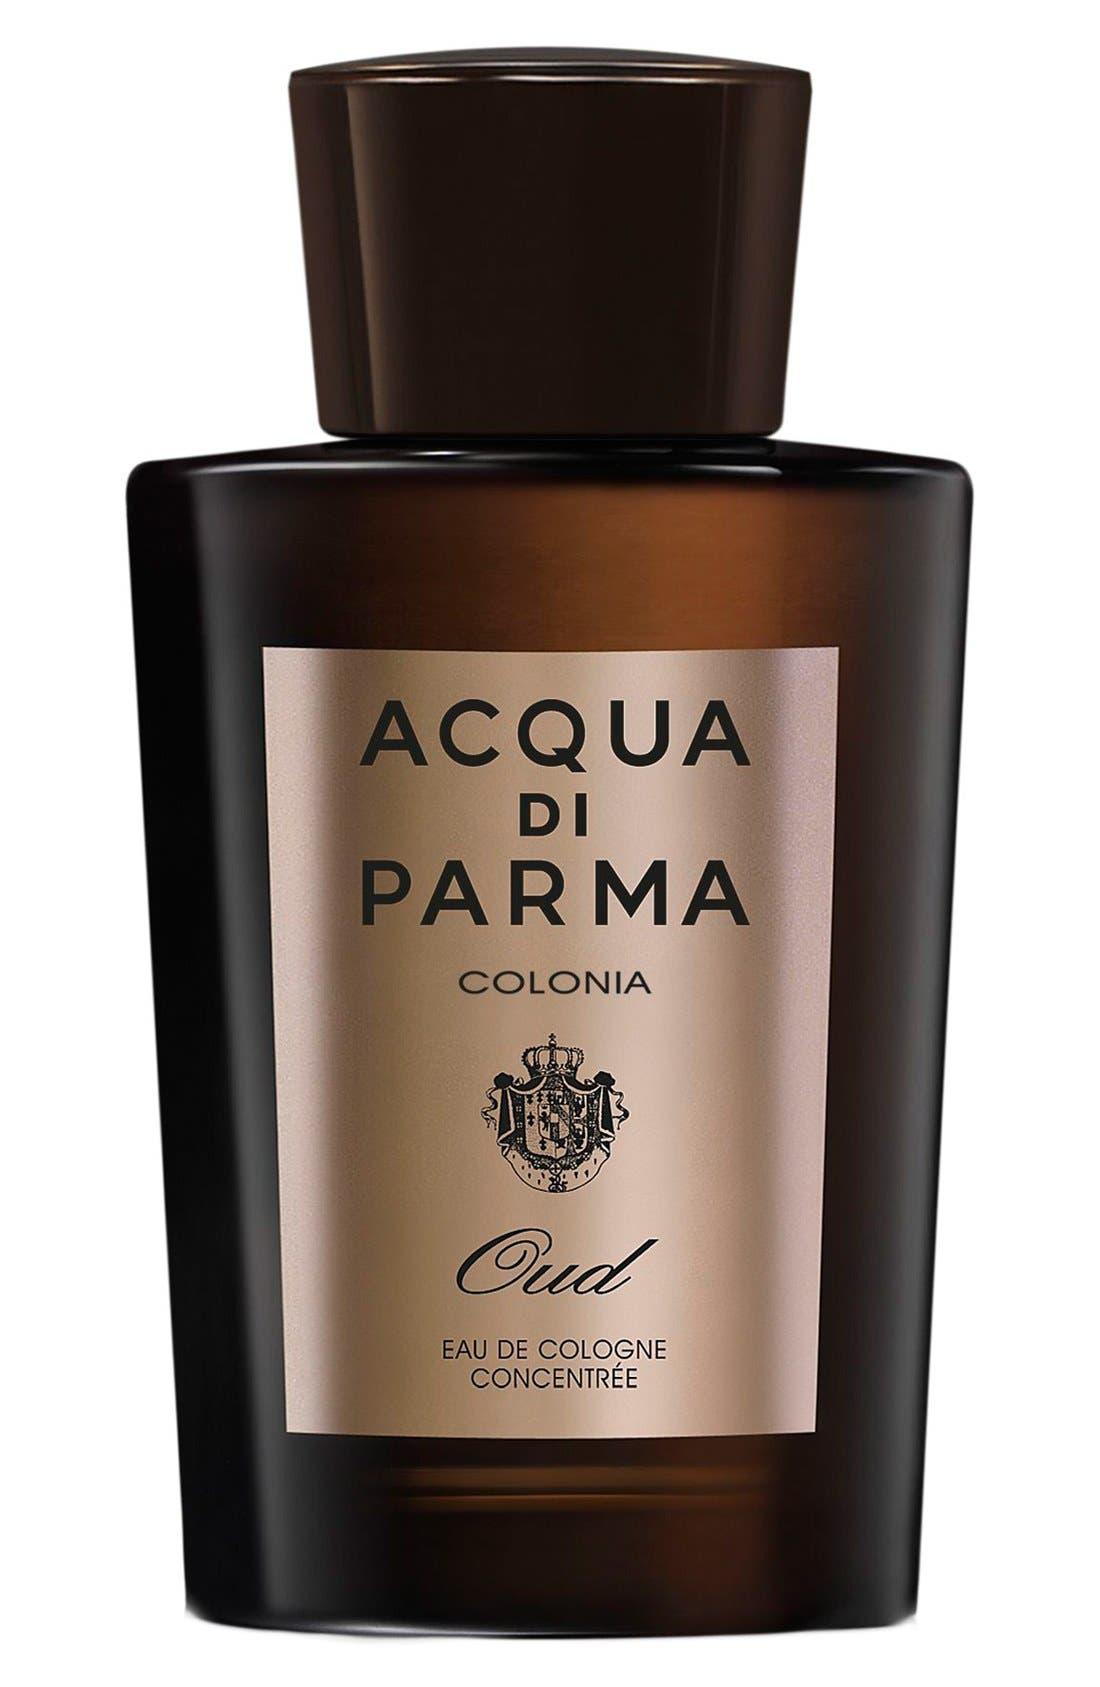 Acqua di Parma 'Colonia Oud' Eau de Cologne